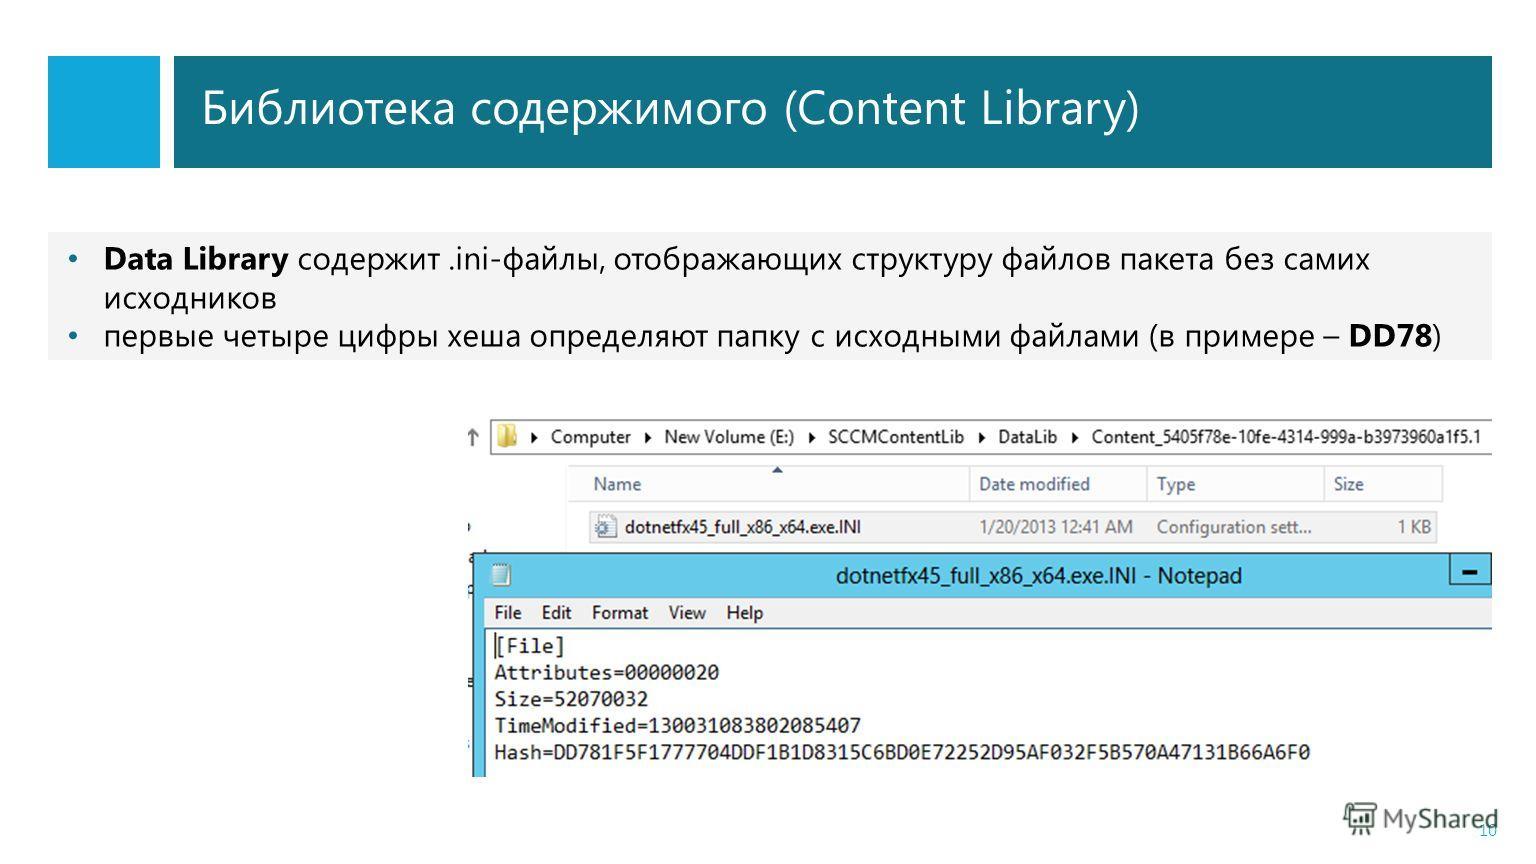 Библиотека содержимого (Content Library) 10 Data Library содержит.ini-файлы, отображающих структуру файлов пакета без самих исходников первые четыре цифры хеша определяют папку с исходными файлами (в примере – DD78)